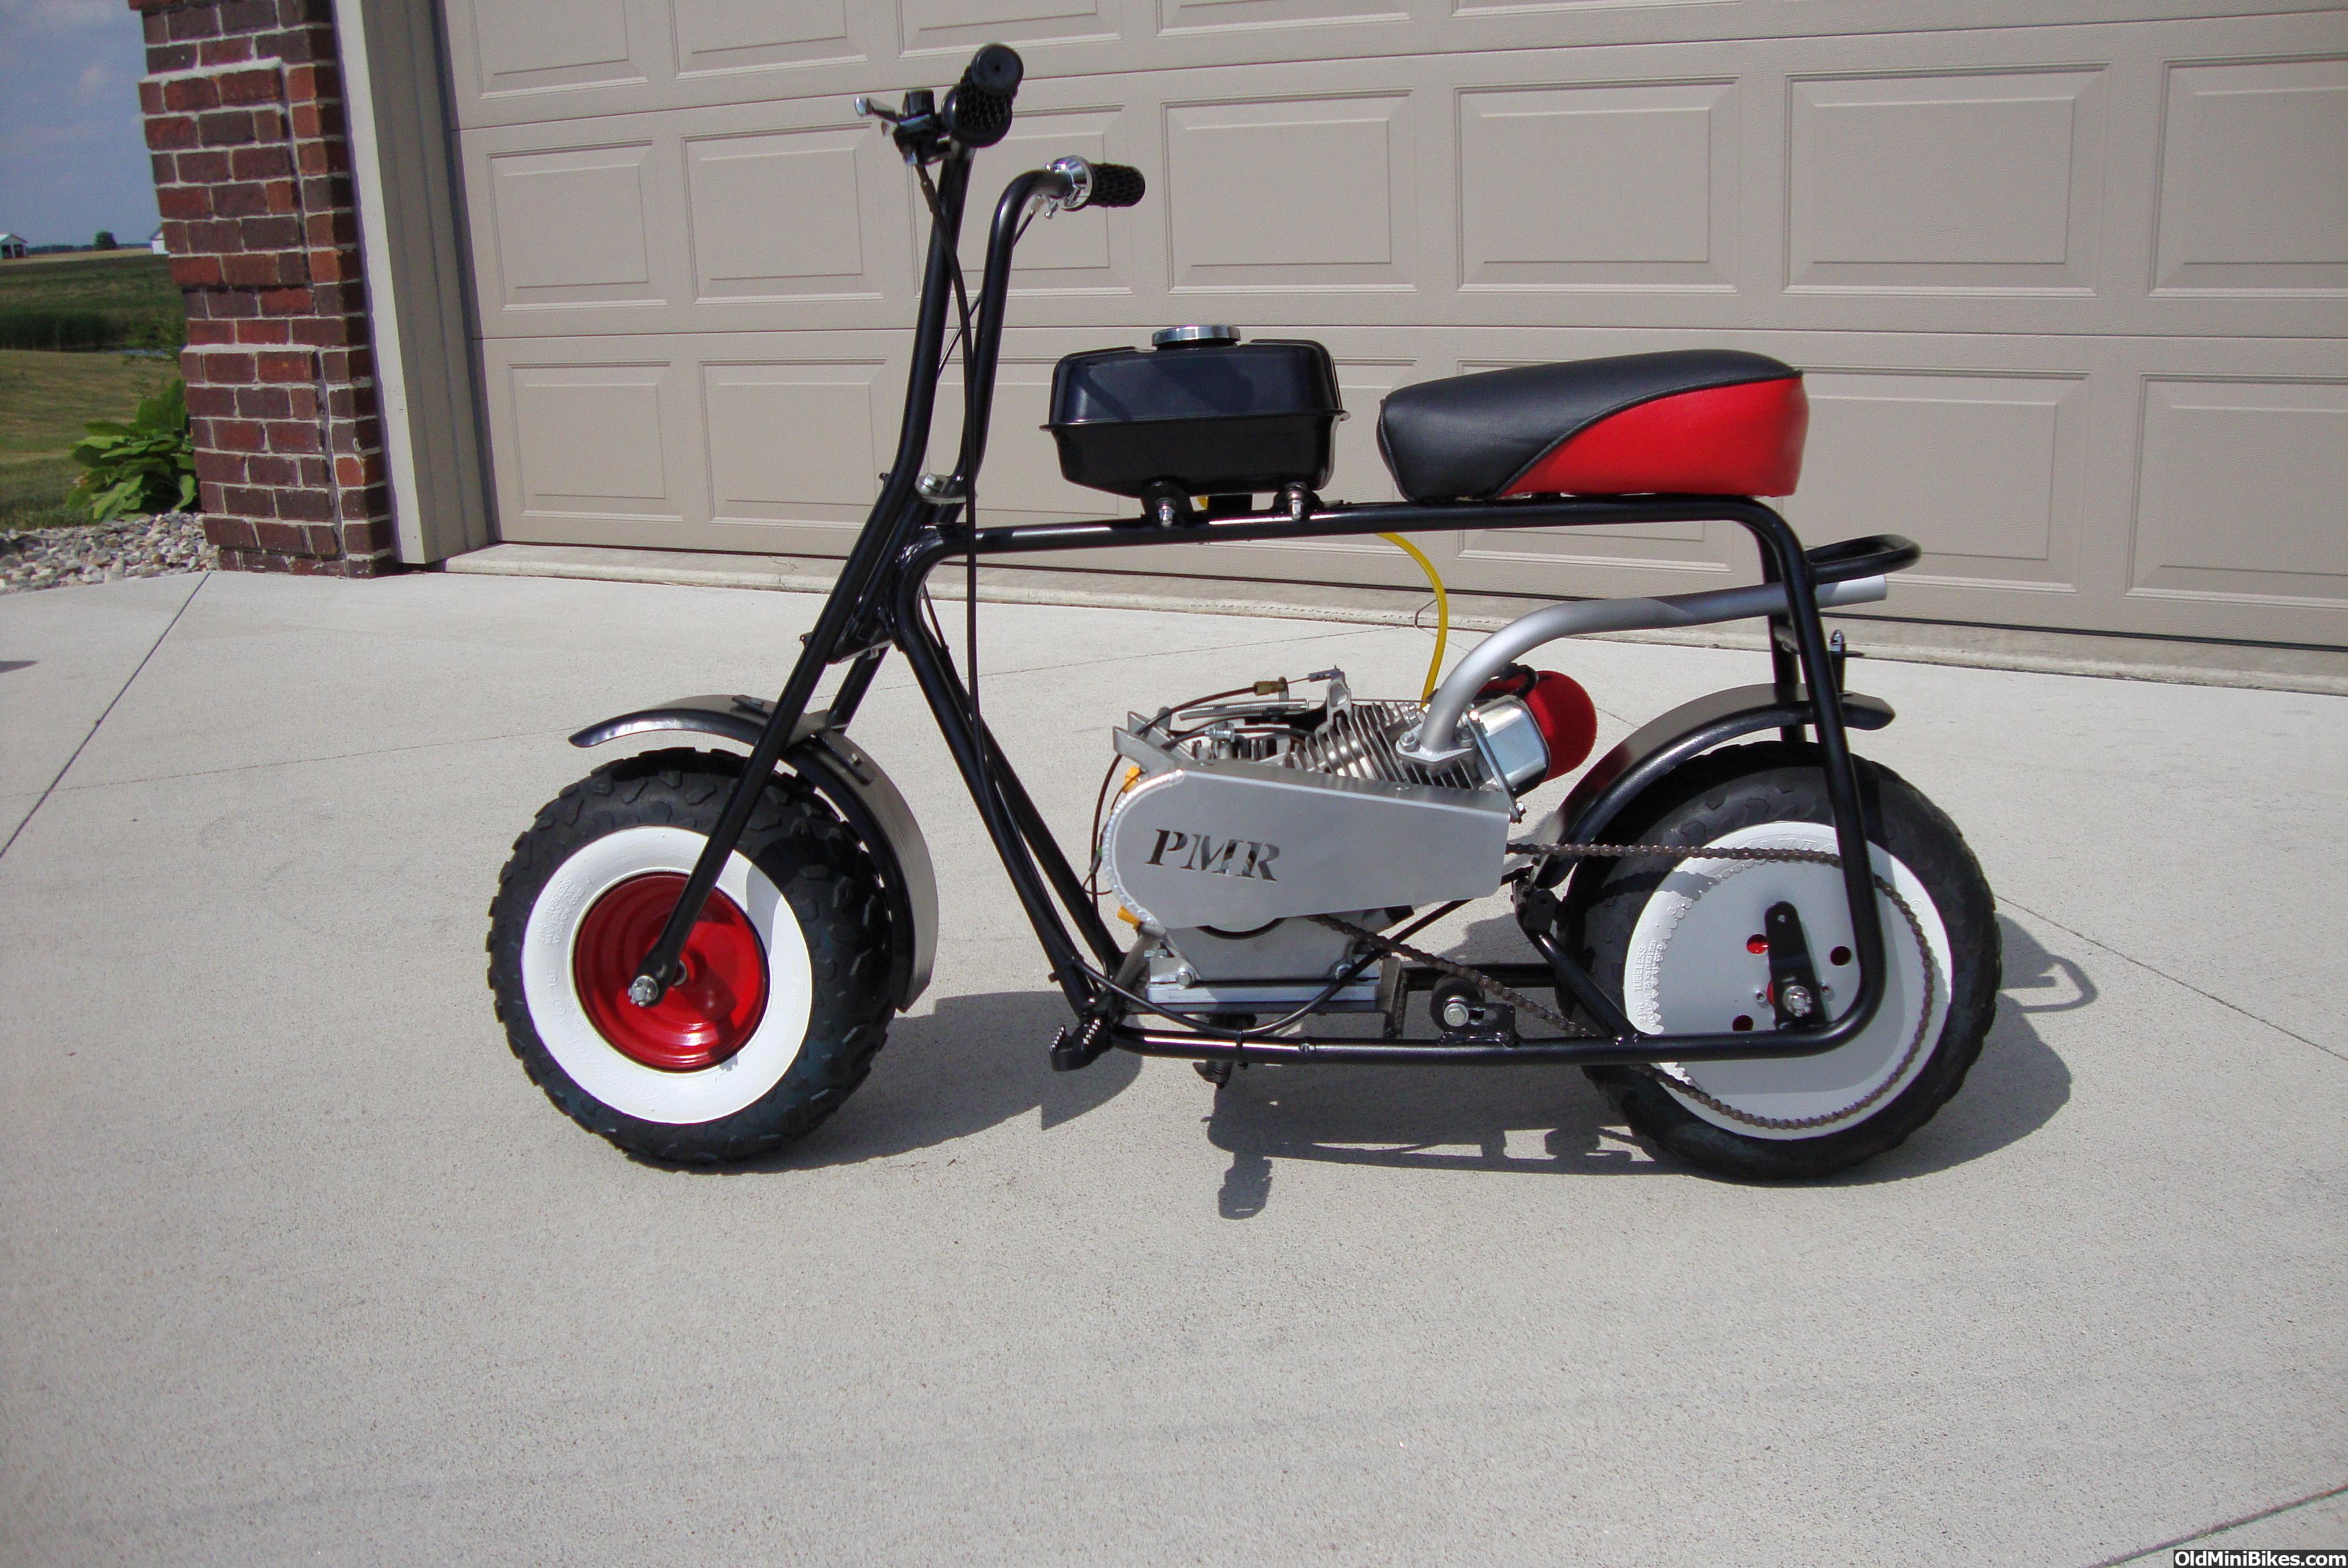 Vintage mini bike test